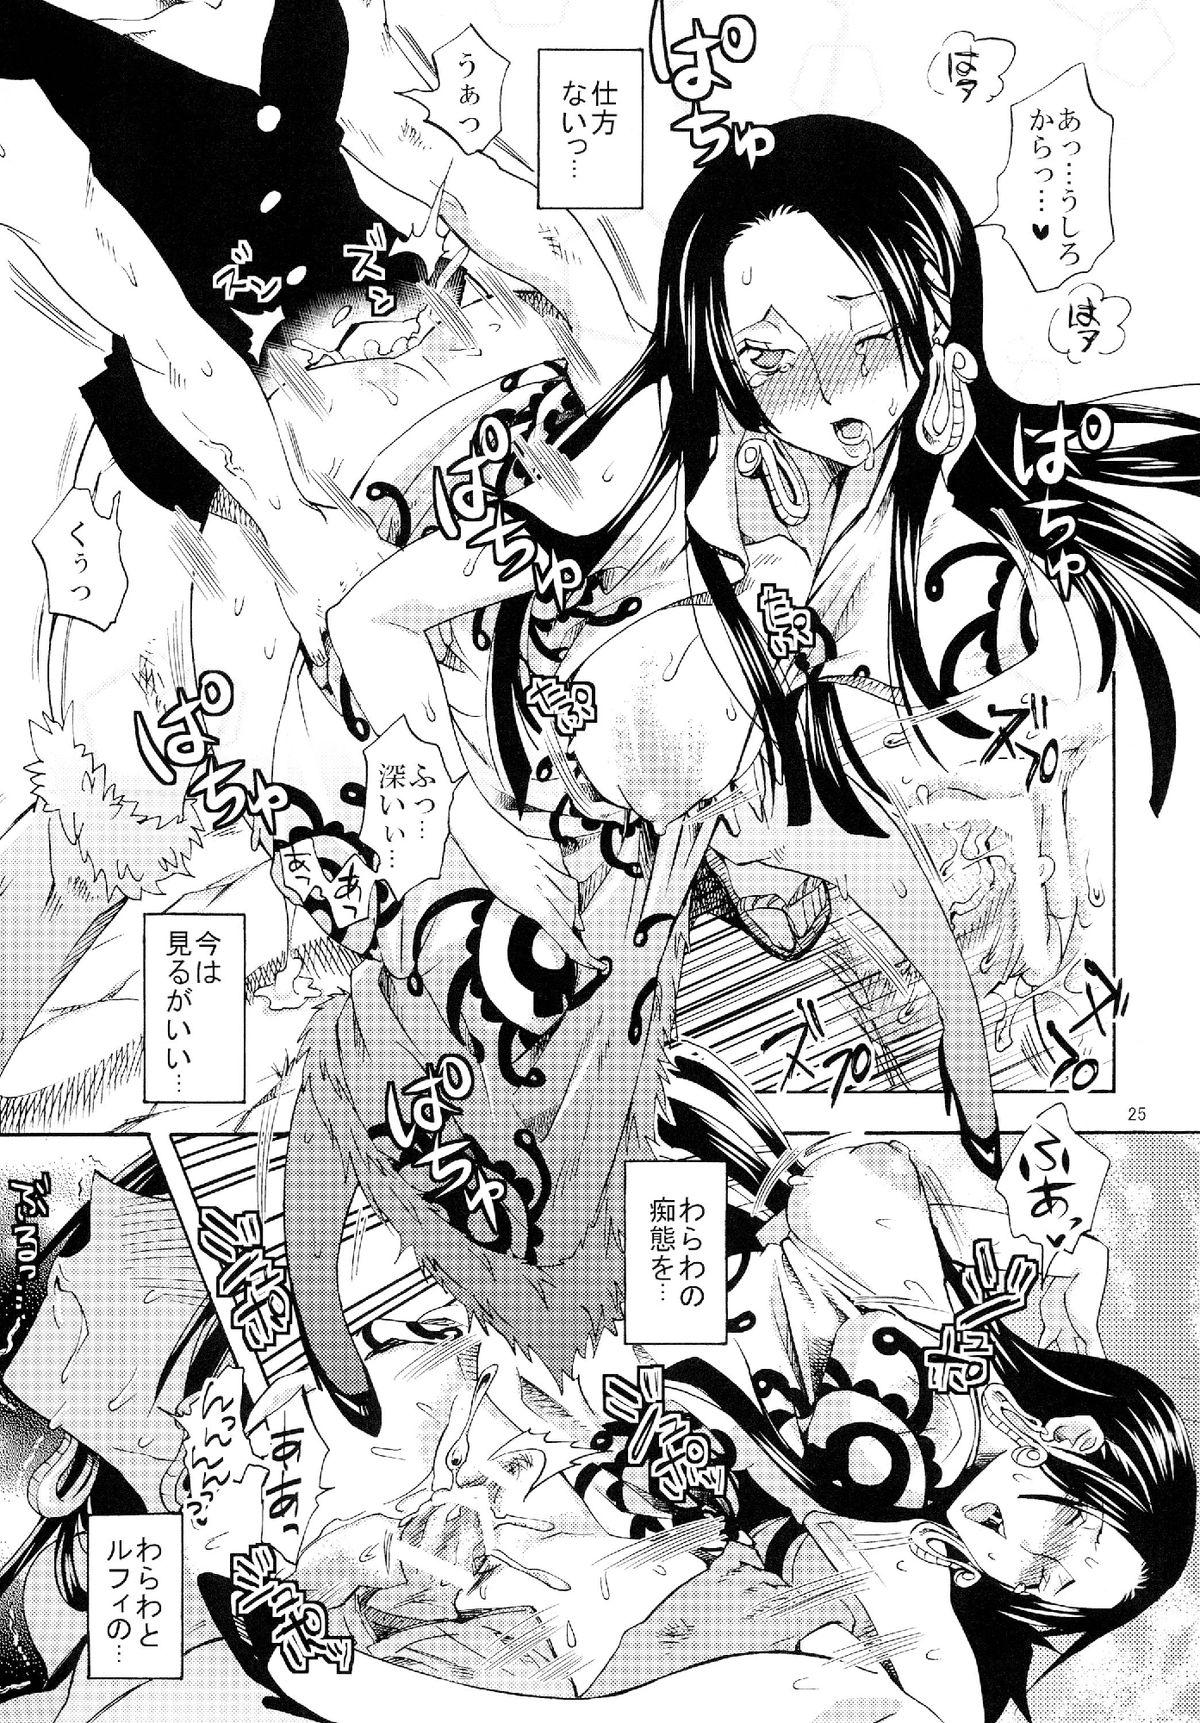 【羞恥・視姦エロ同人誌】爆乳美女の蛇姫が淫らにヨガり沢山の人が見ている前でバックで中出しされちゃうエロ漫画[蛇姫FREAK!総集編(YU-RI/くりおね社)]